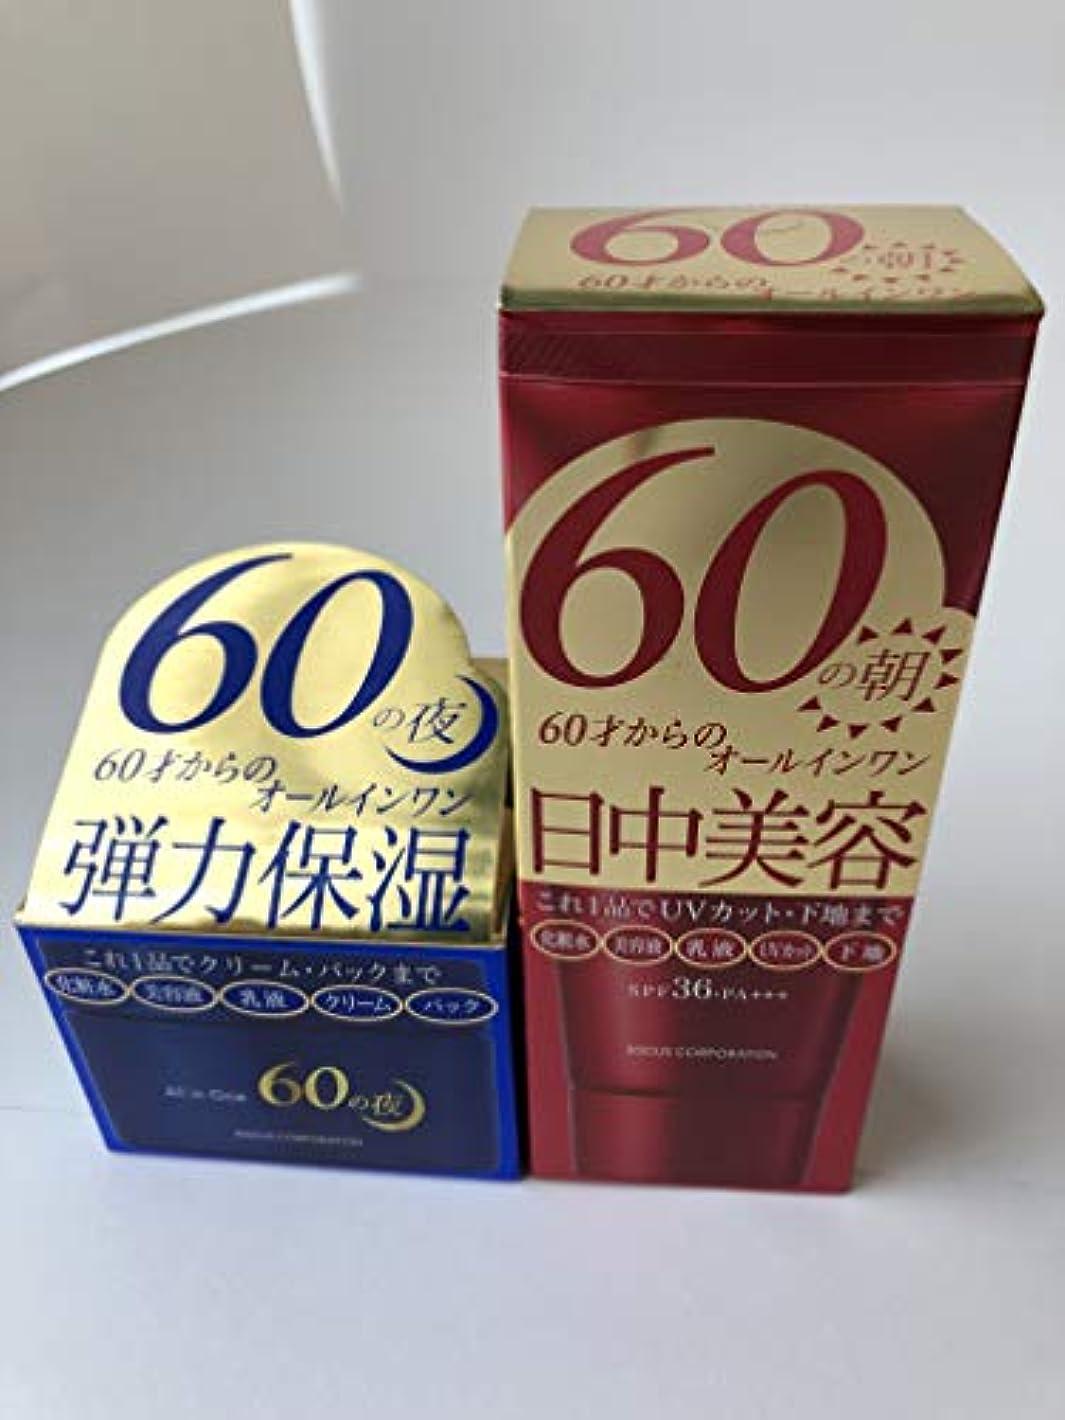 お手伝いさん排除するラジカルビズー 60の朝(1本入) +ビズー 60の夜(1本入) / (1set)